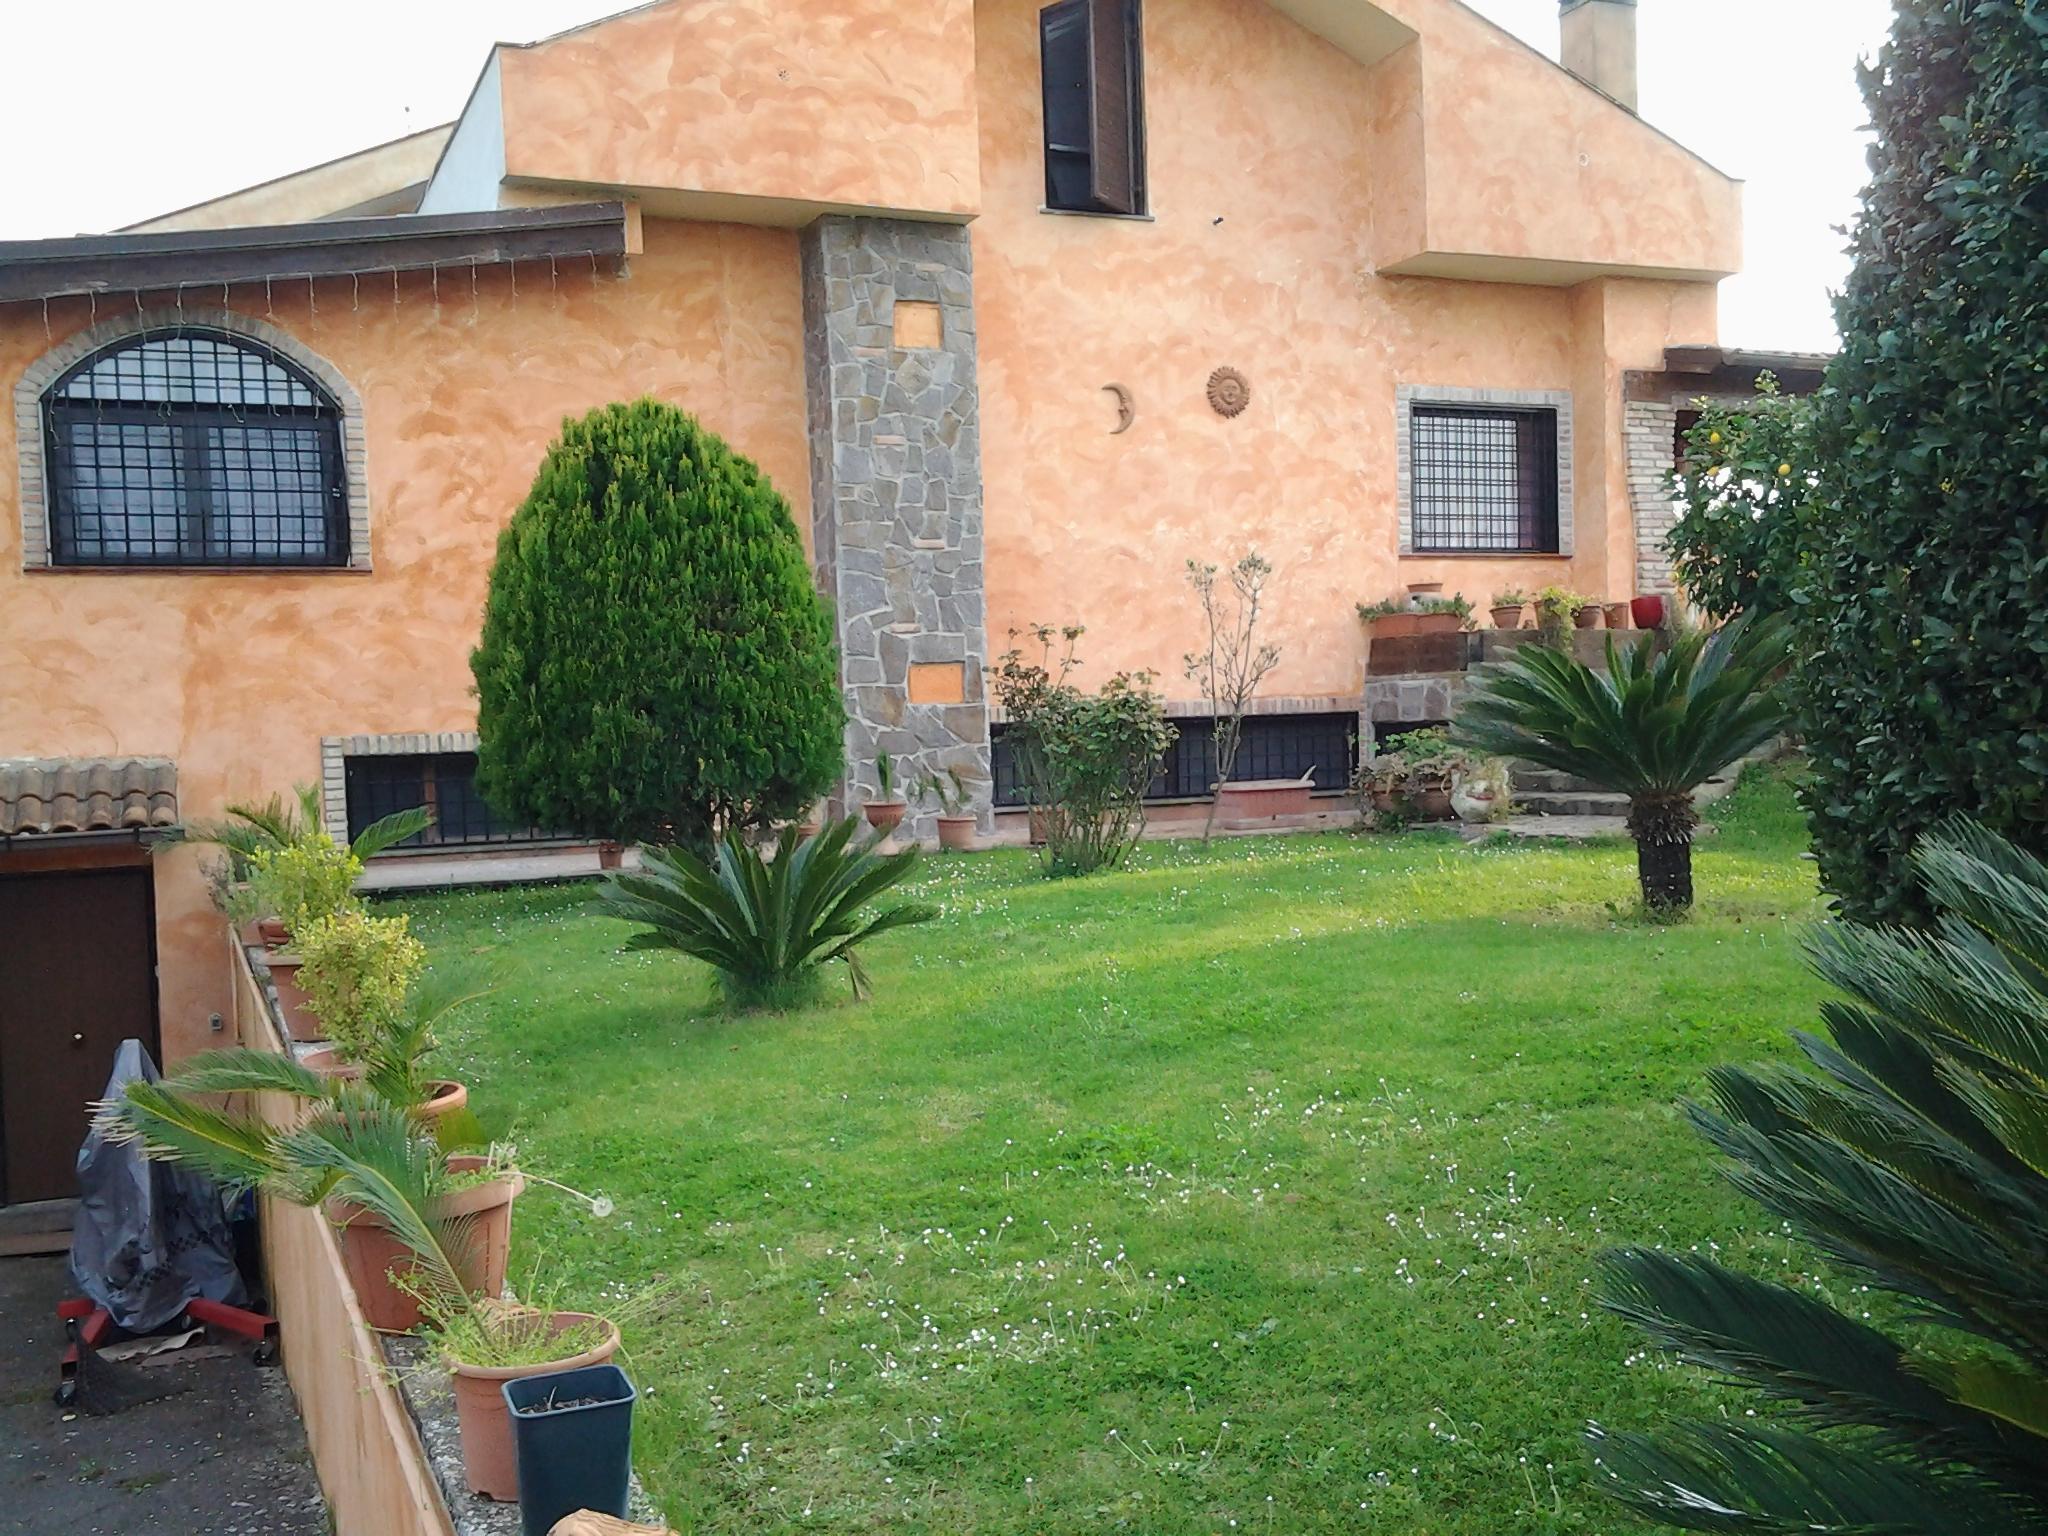 Vendita casa indipendente castelli romani roma italia for Casa roma vendita privati